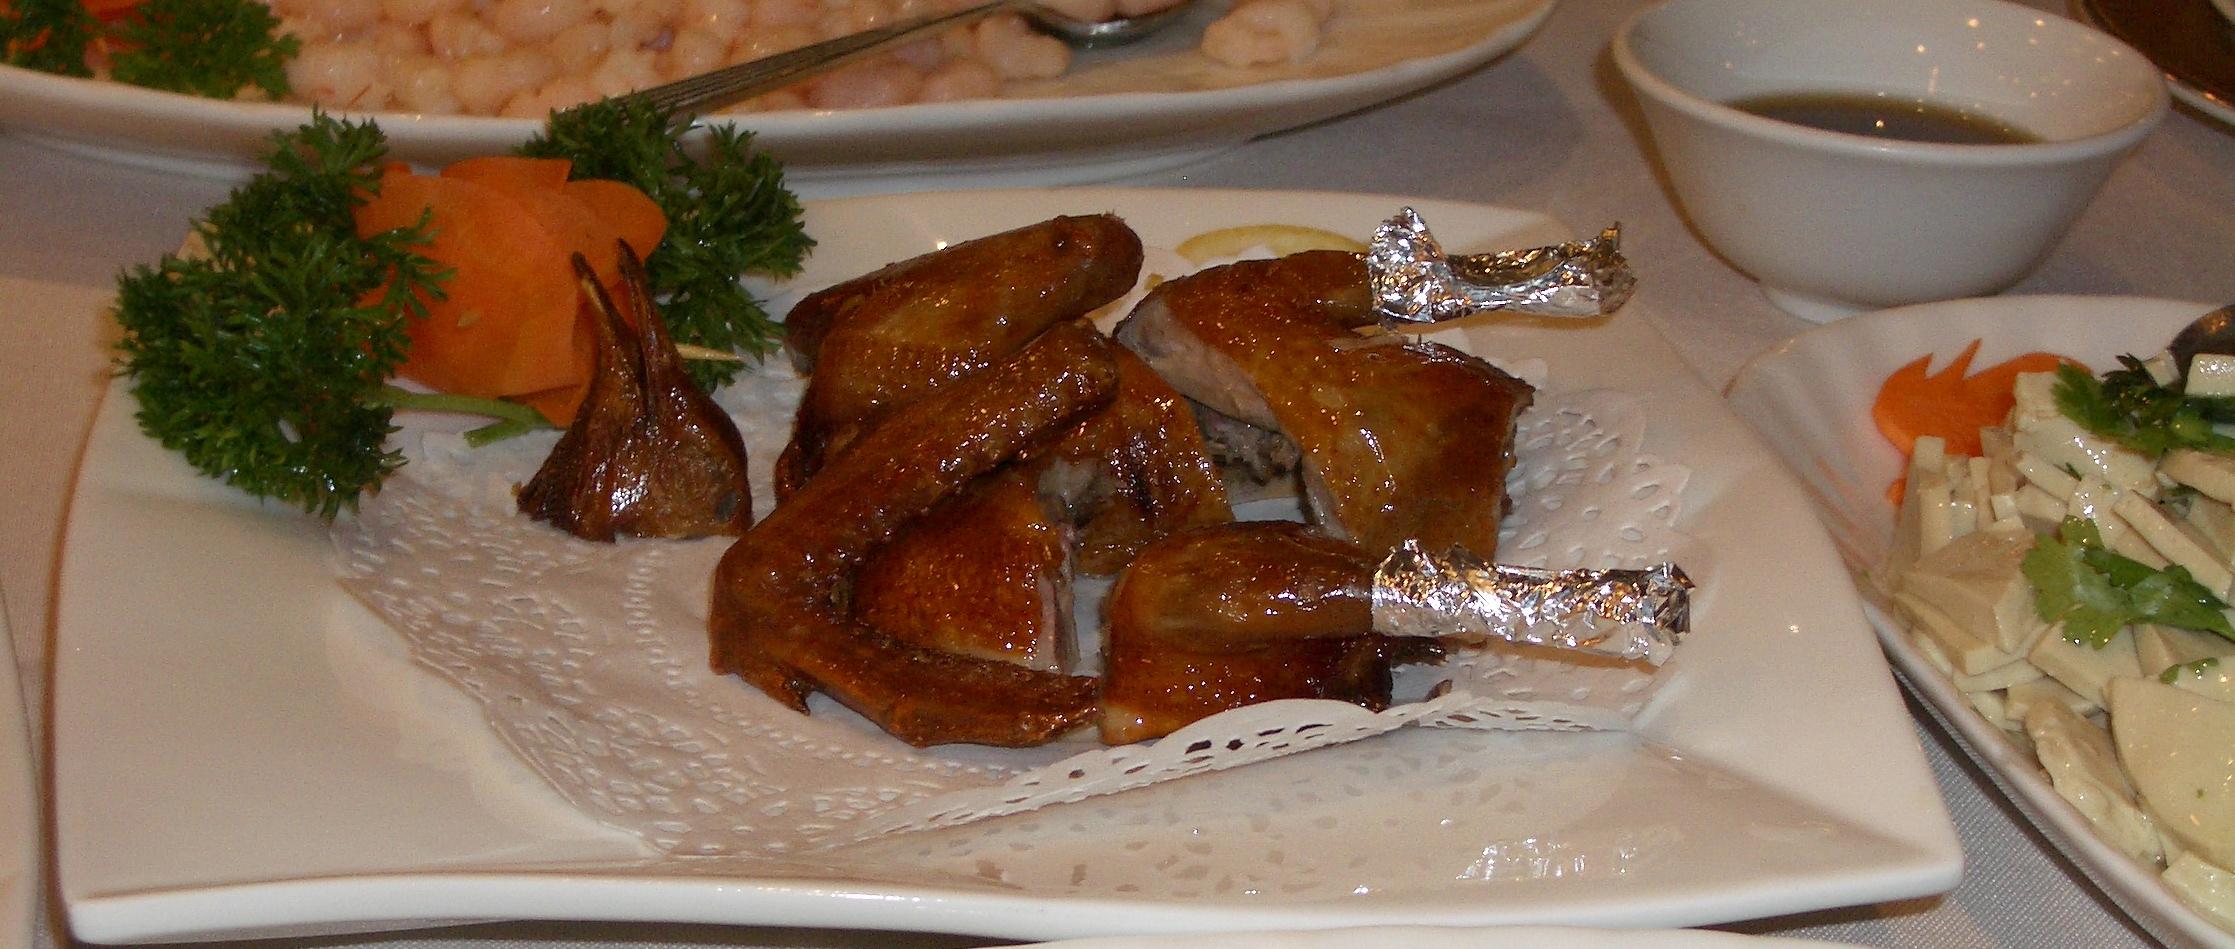 Appetizing duck dinner in Beijing